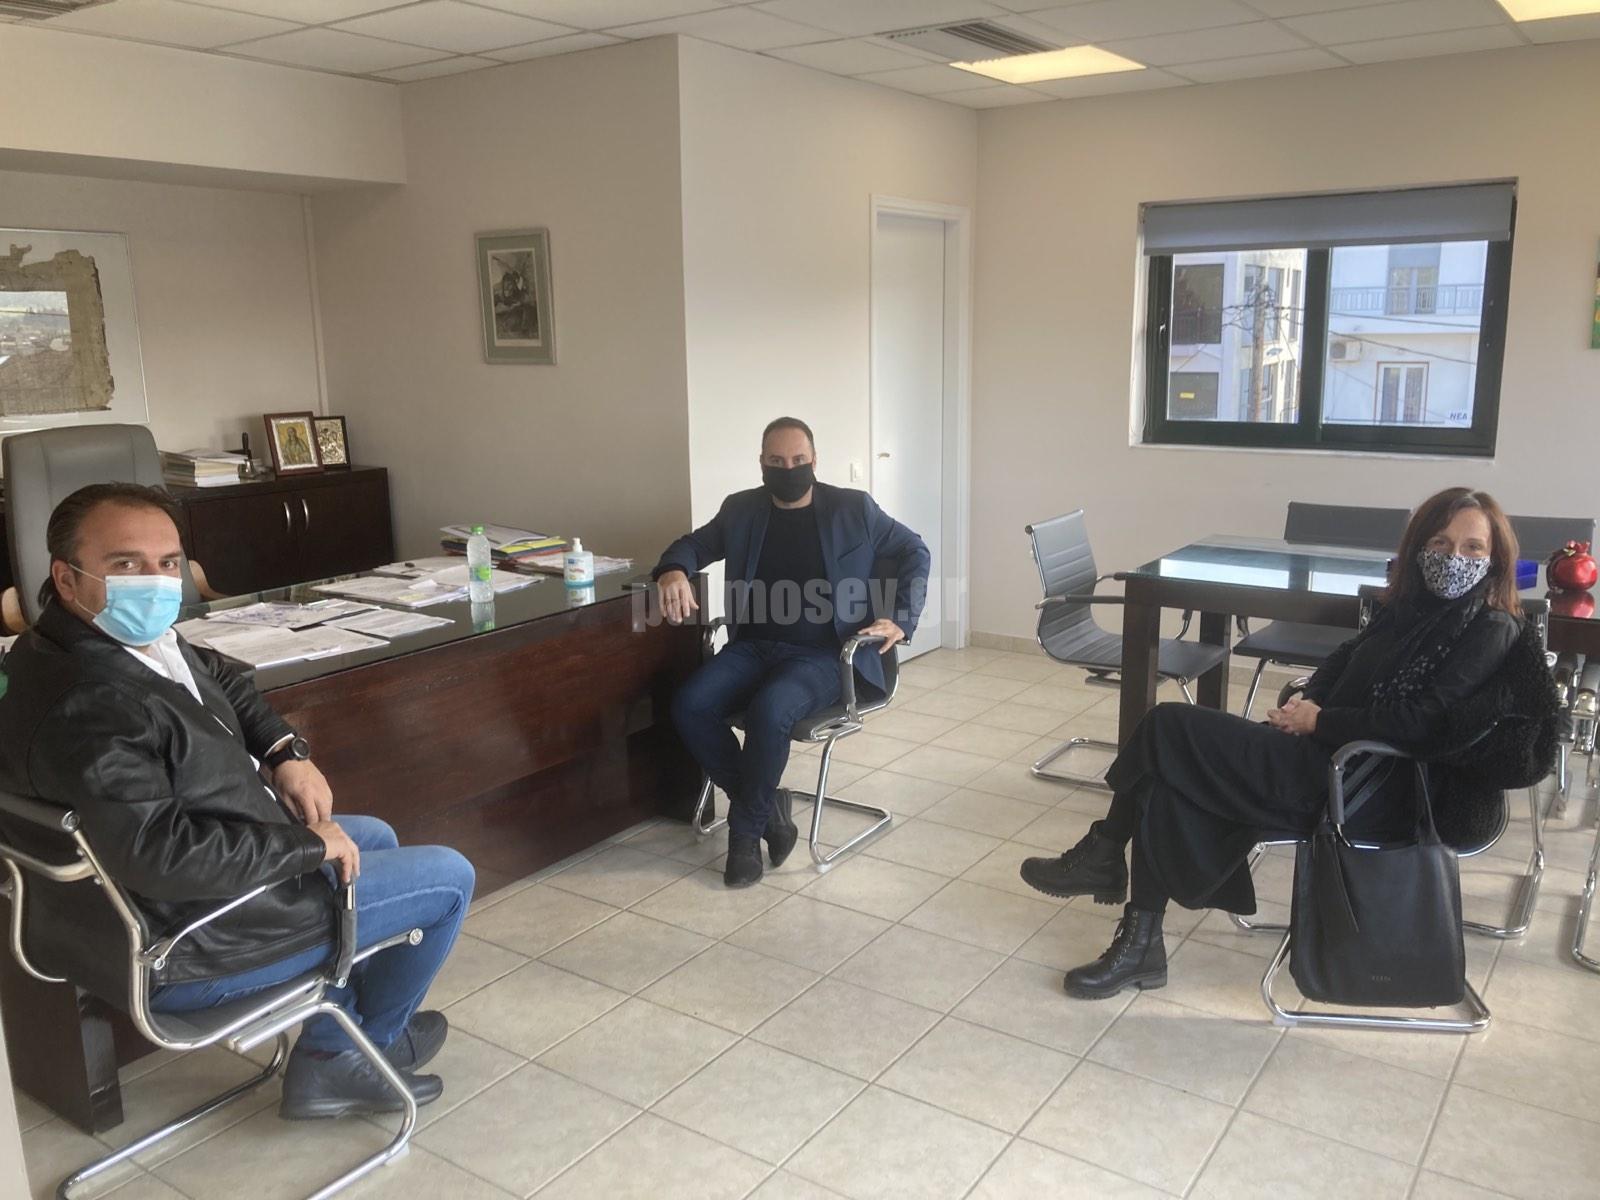 Συνάντηση του Μ. Χατζηγιαννάκη με τον Δήμαρχο Ιστιαίας-Αιδηψού και επίσκεψη στο Κέντρο Υγείας Ιστιαίας